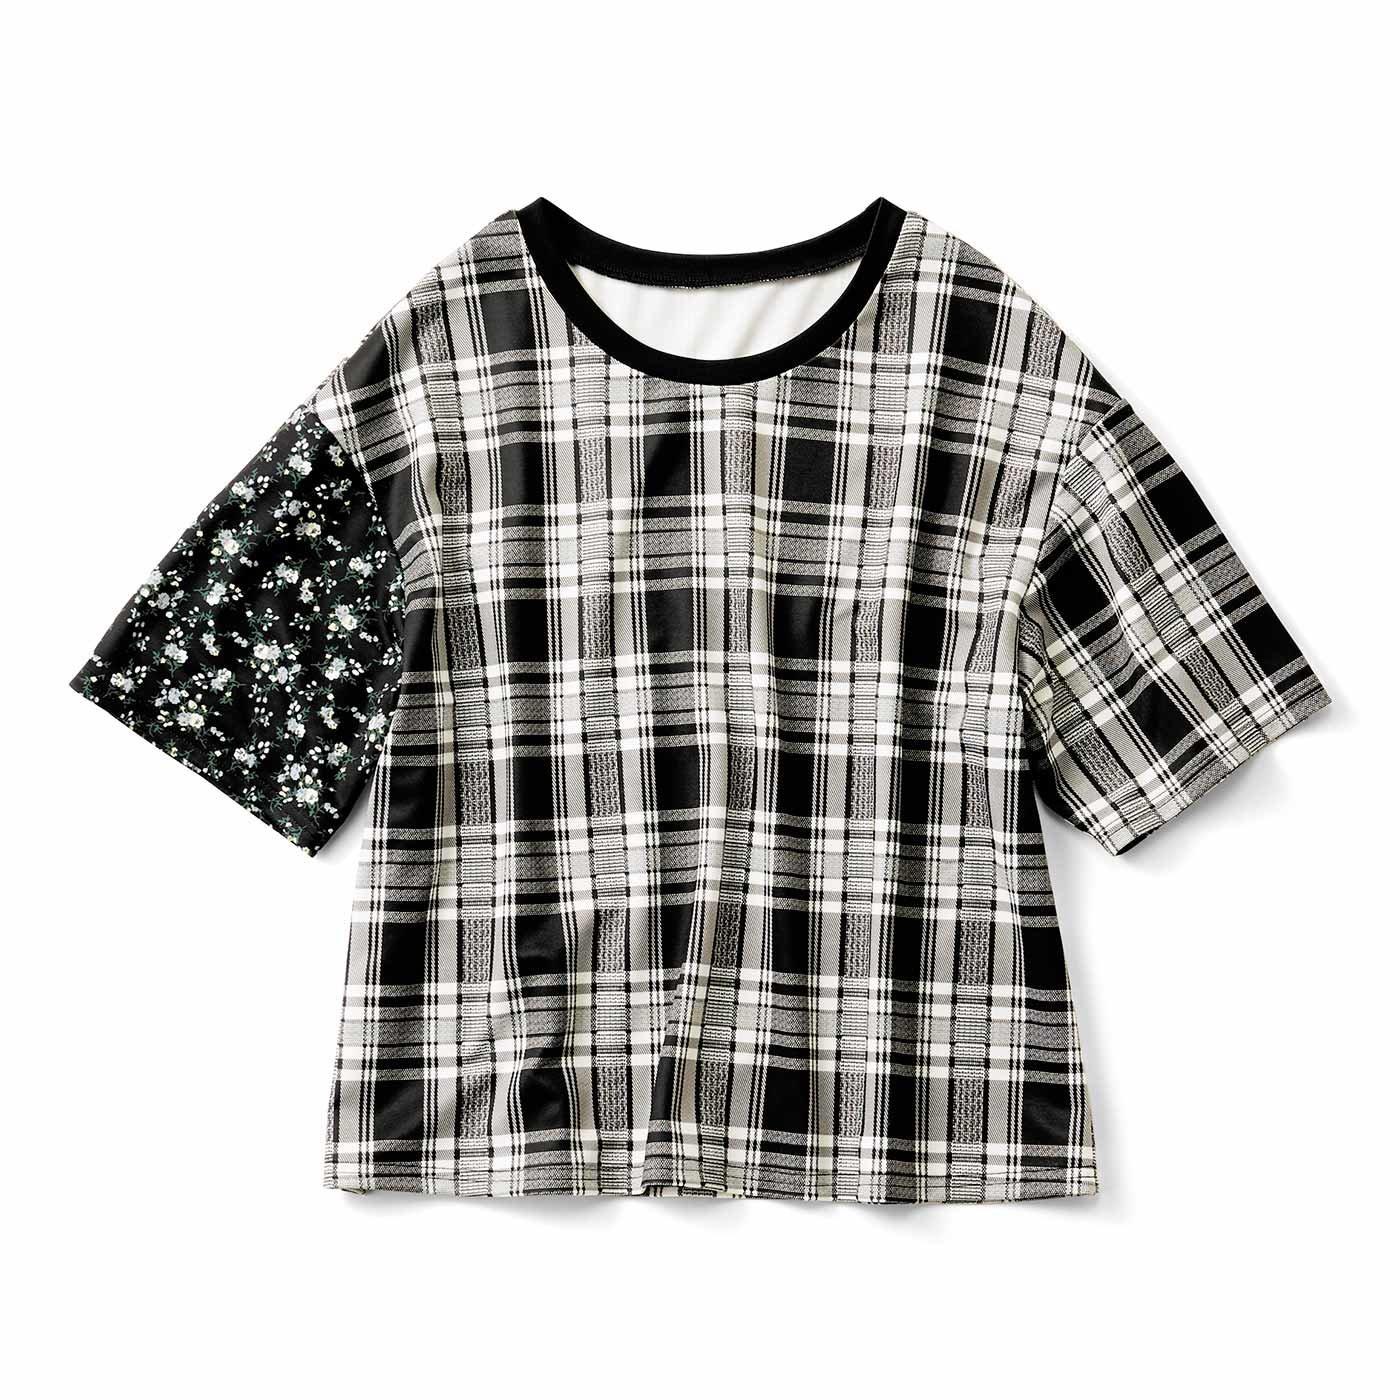 柄ミックスのゆるっとTシャツ〈モノトーンチェック〉